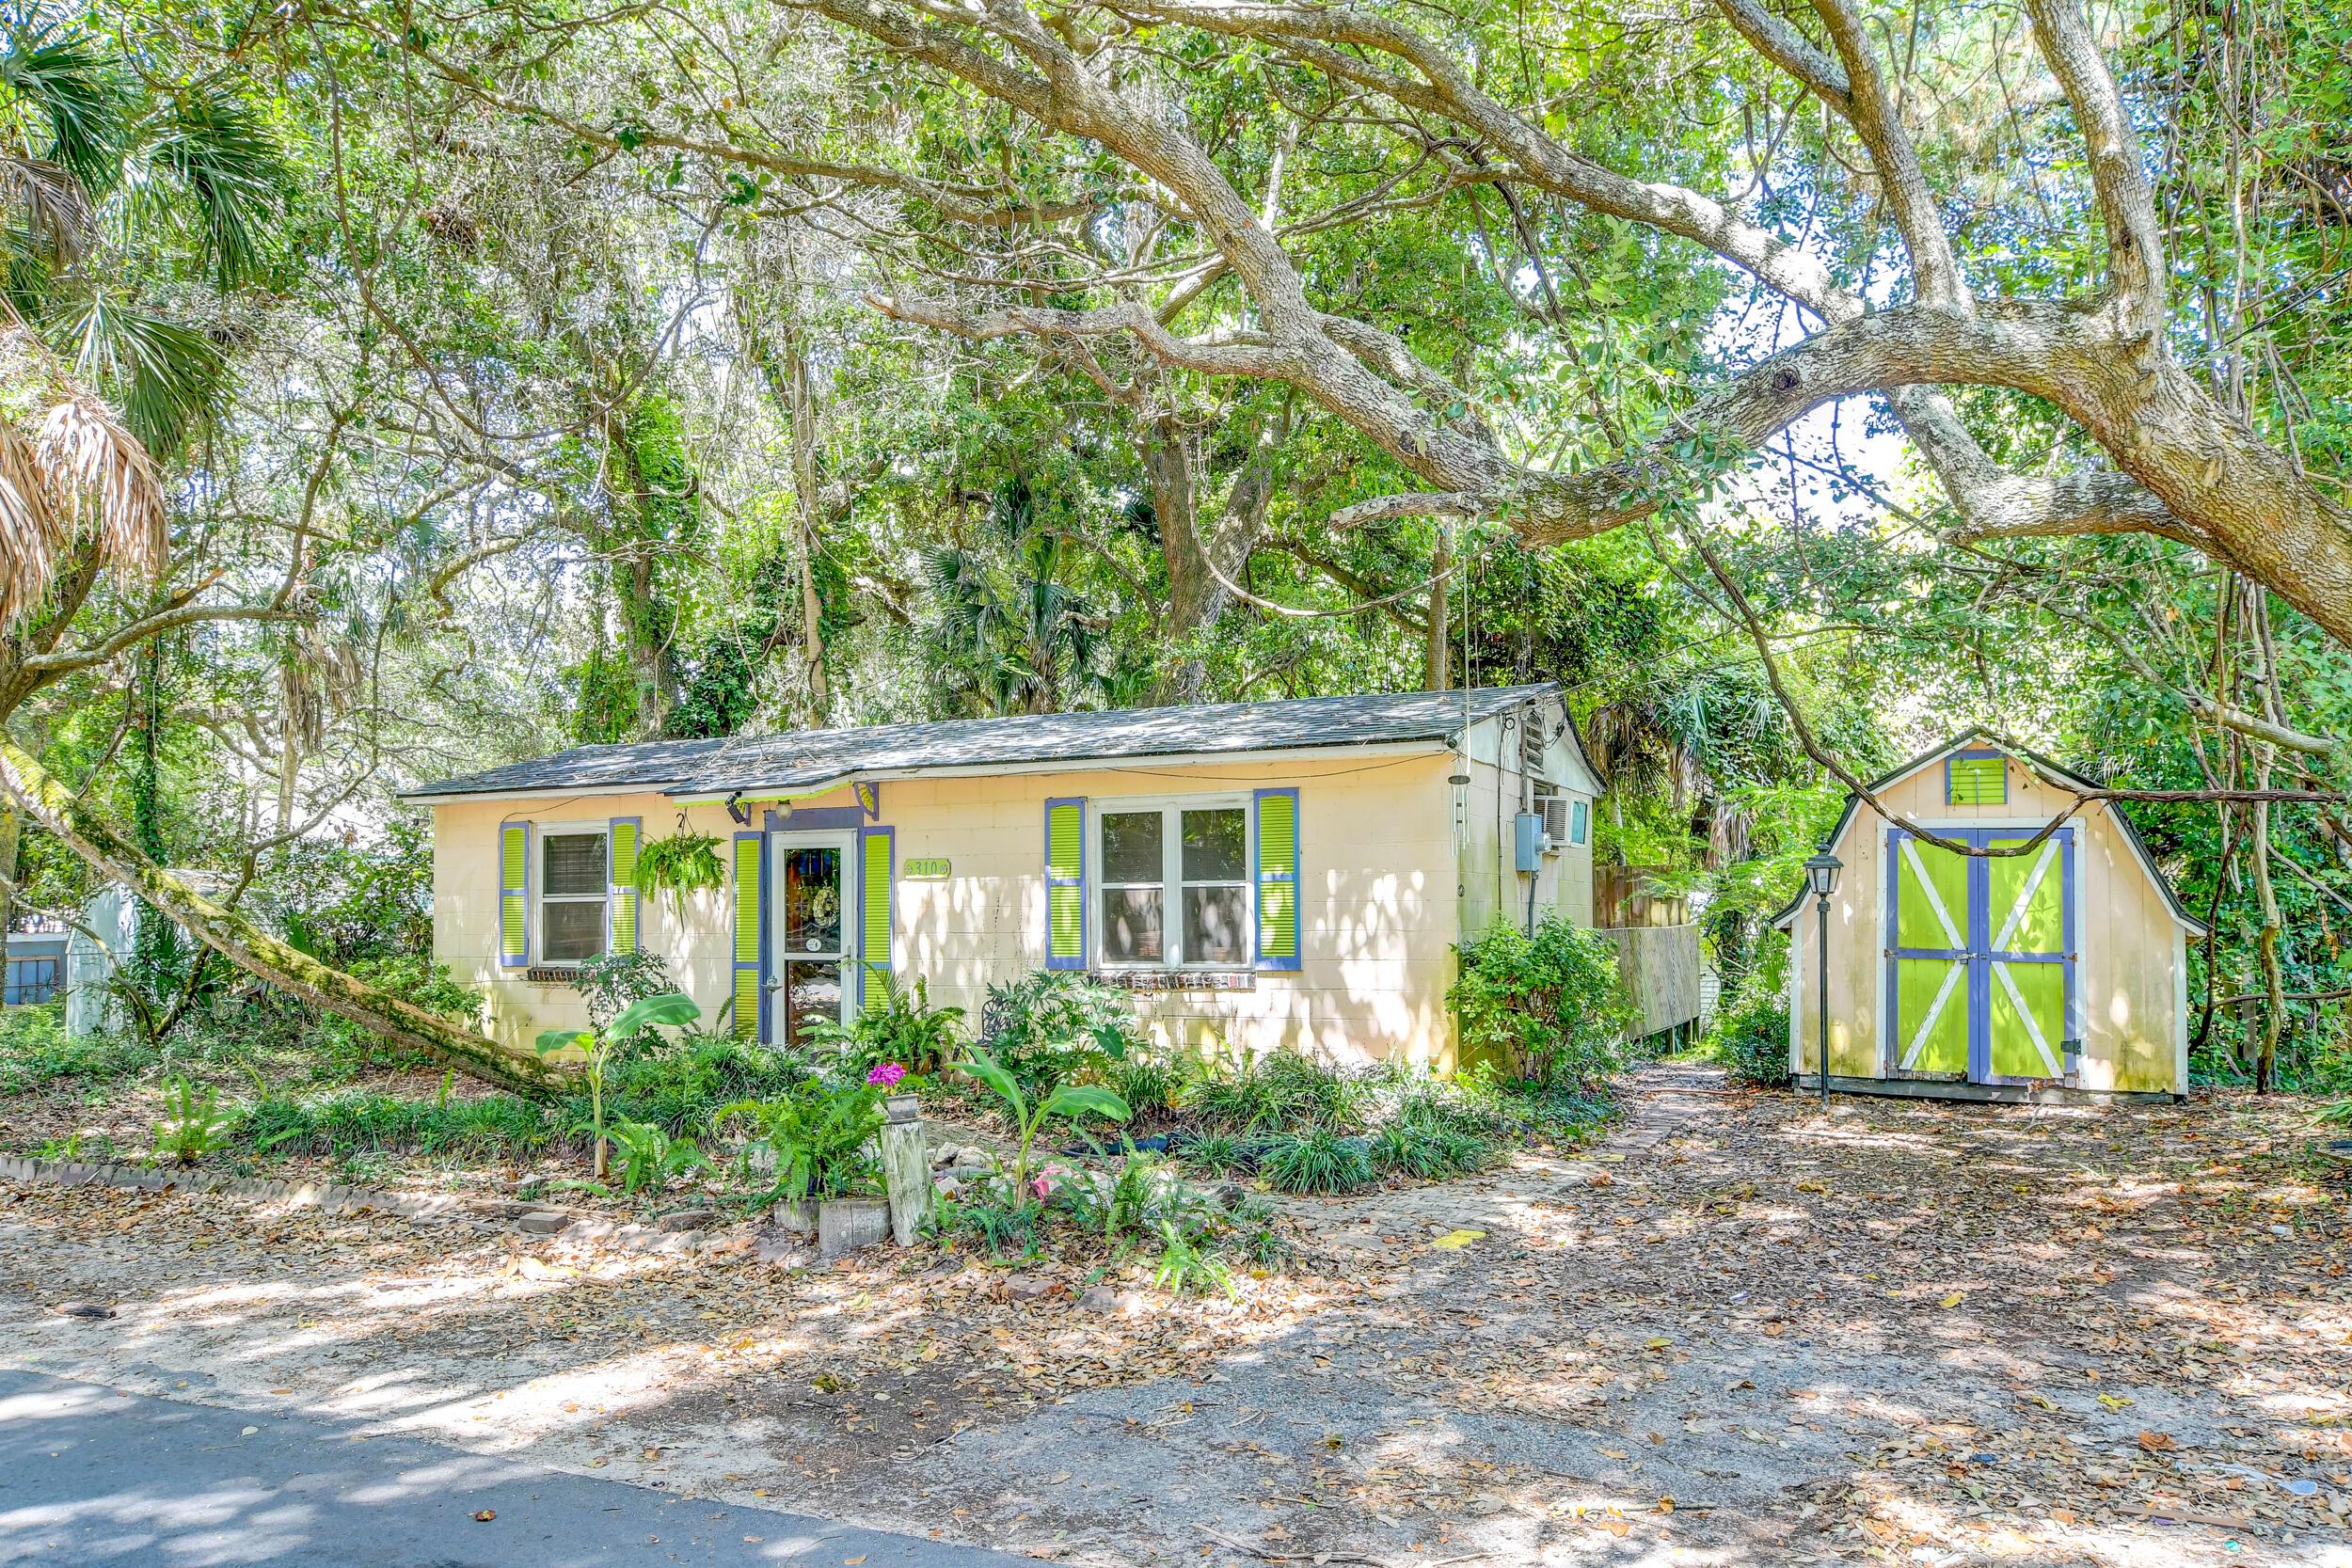 Folly Beach Homes For Sale - 310 Hudson, Folly Beach, SC - 6